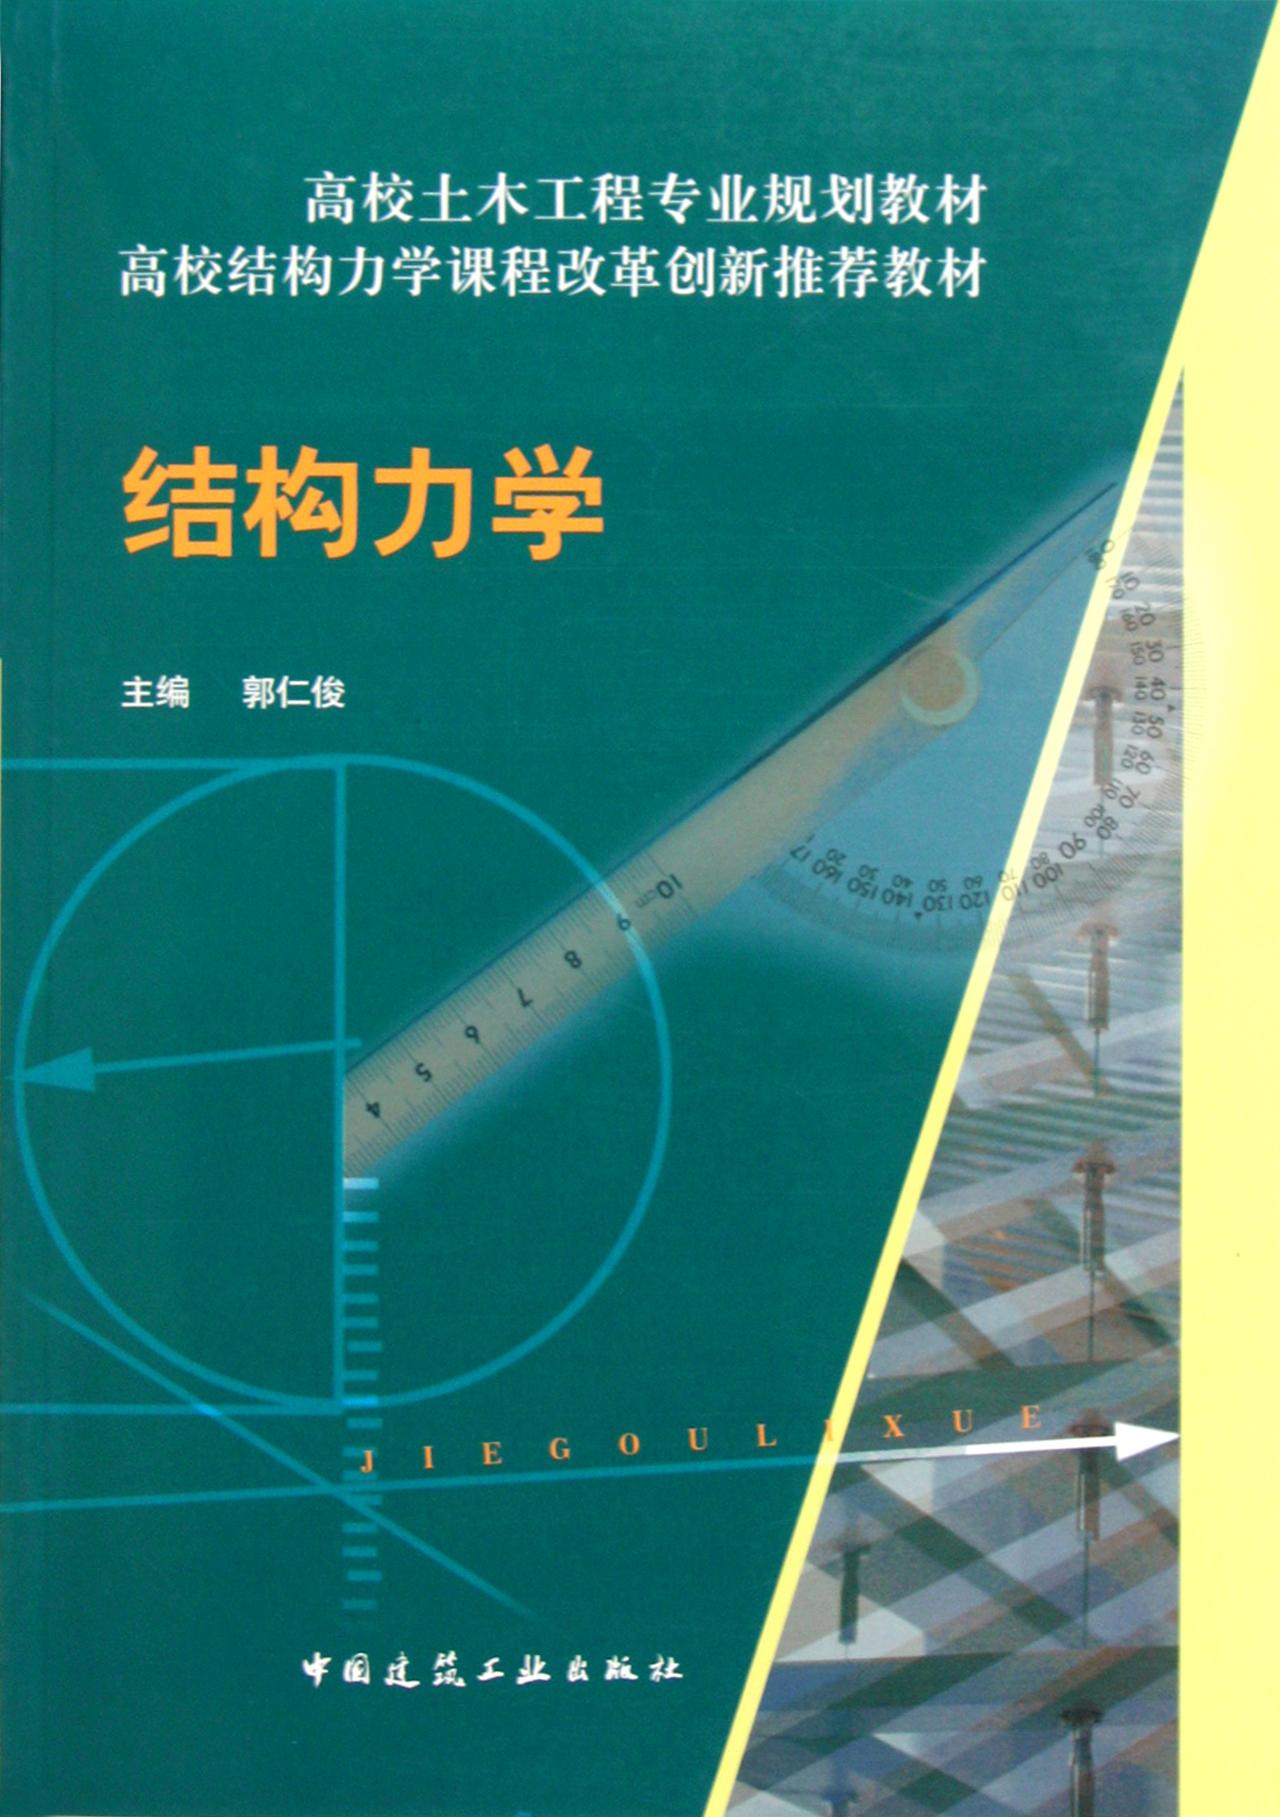 结构力学(高校土木工程专业规划教材)-博库网